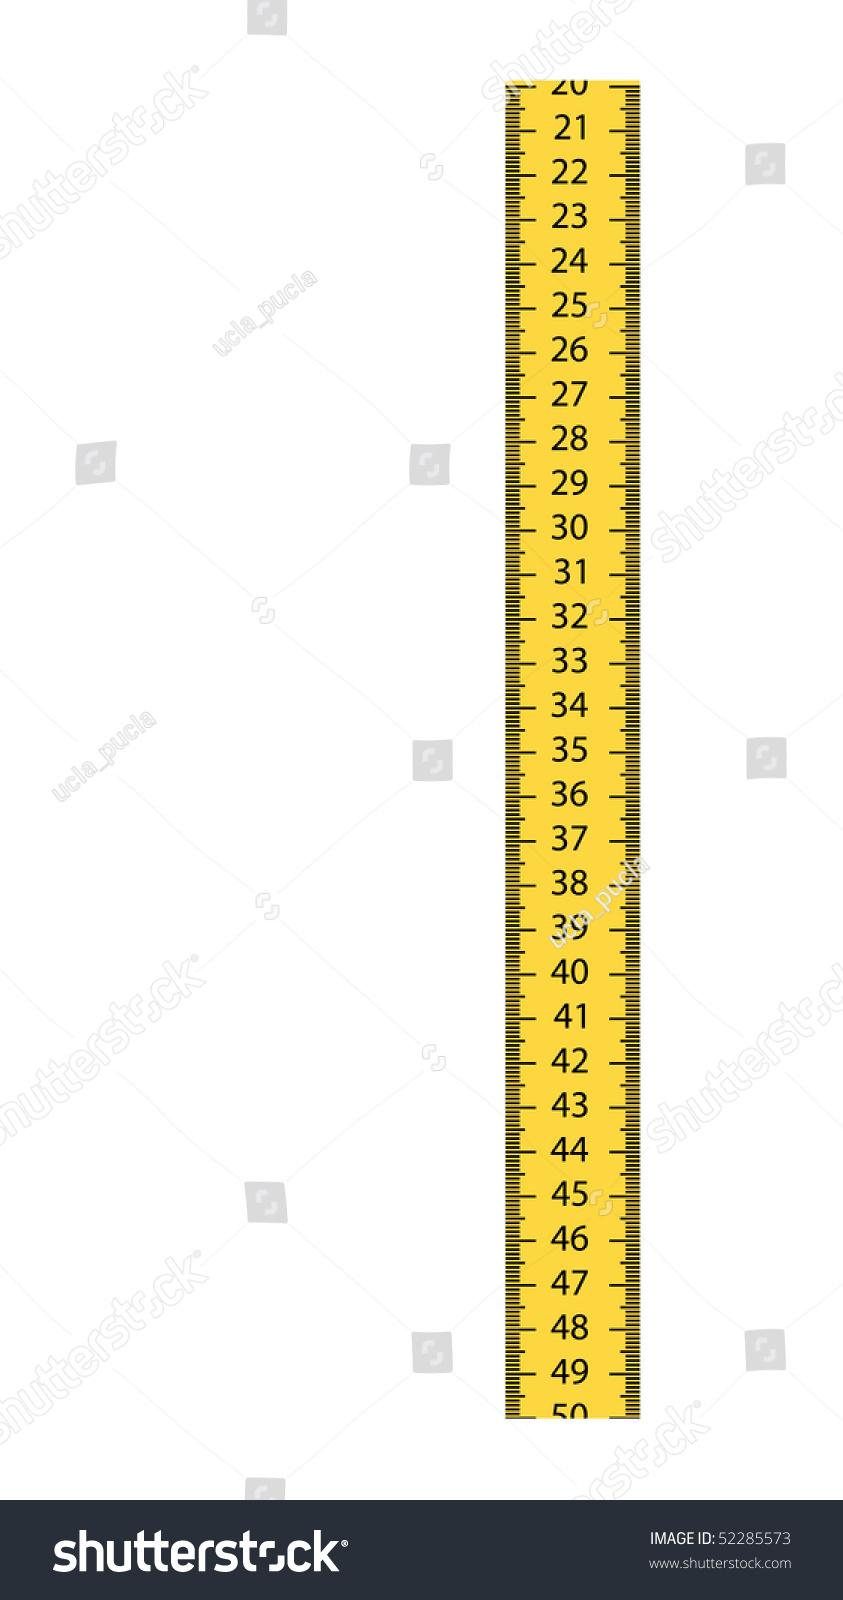 worksheet Centimeter vector centimeter stock 52285573 shutterstock centimeter